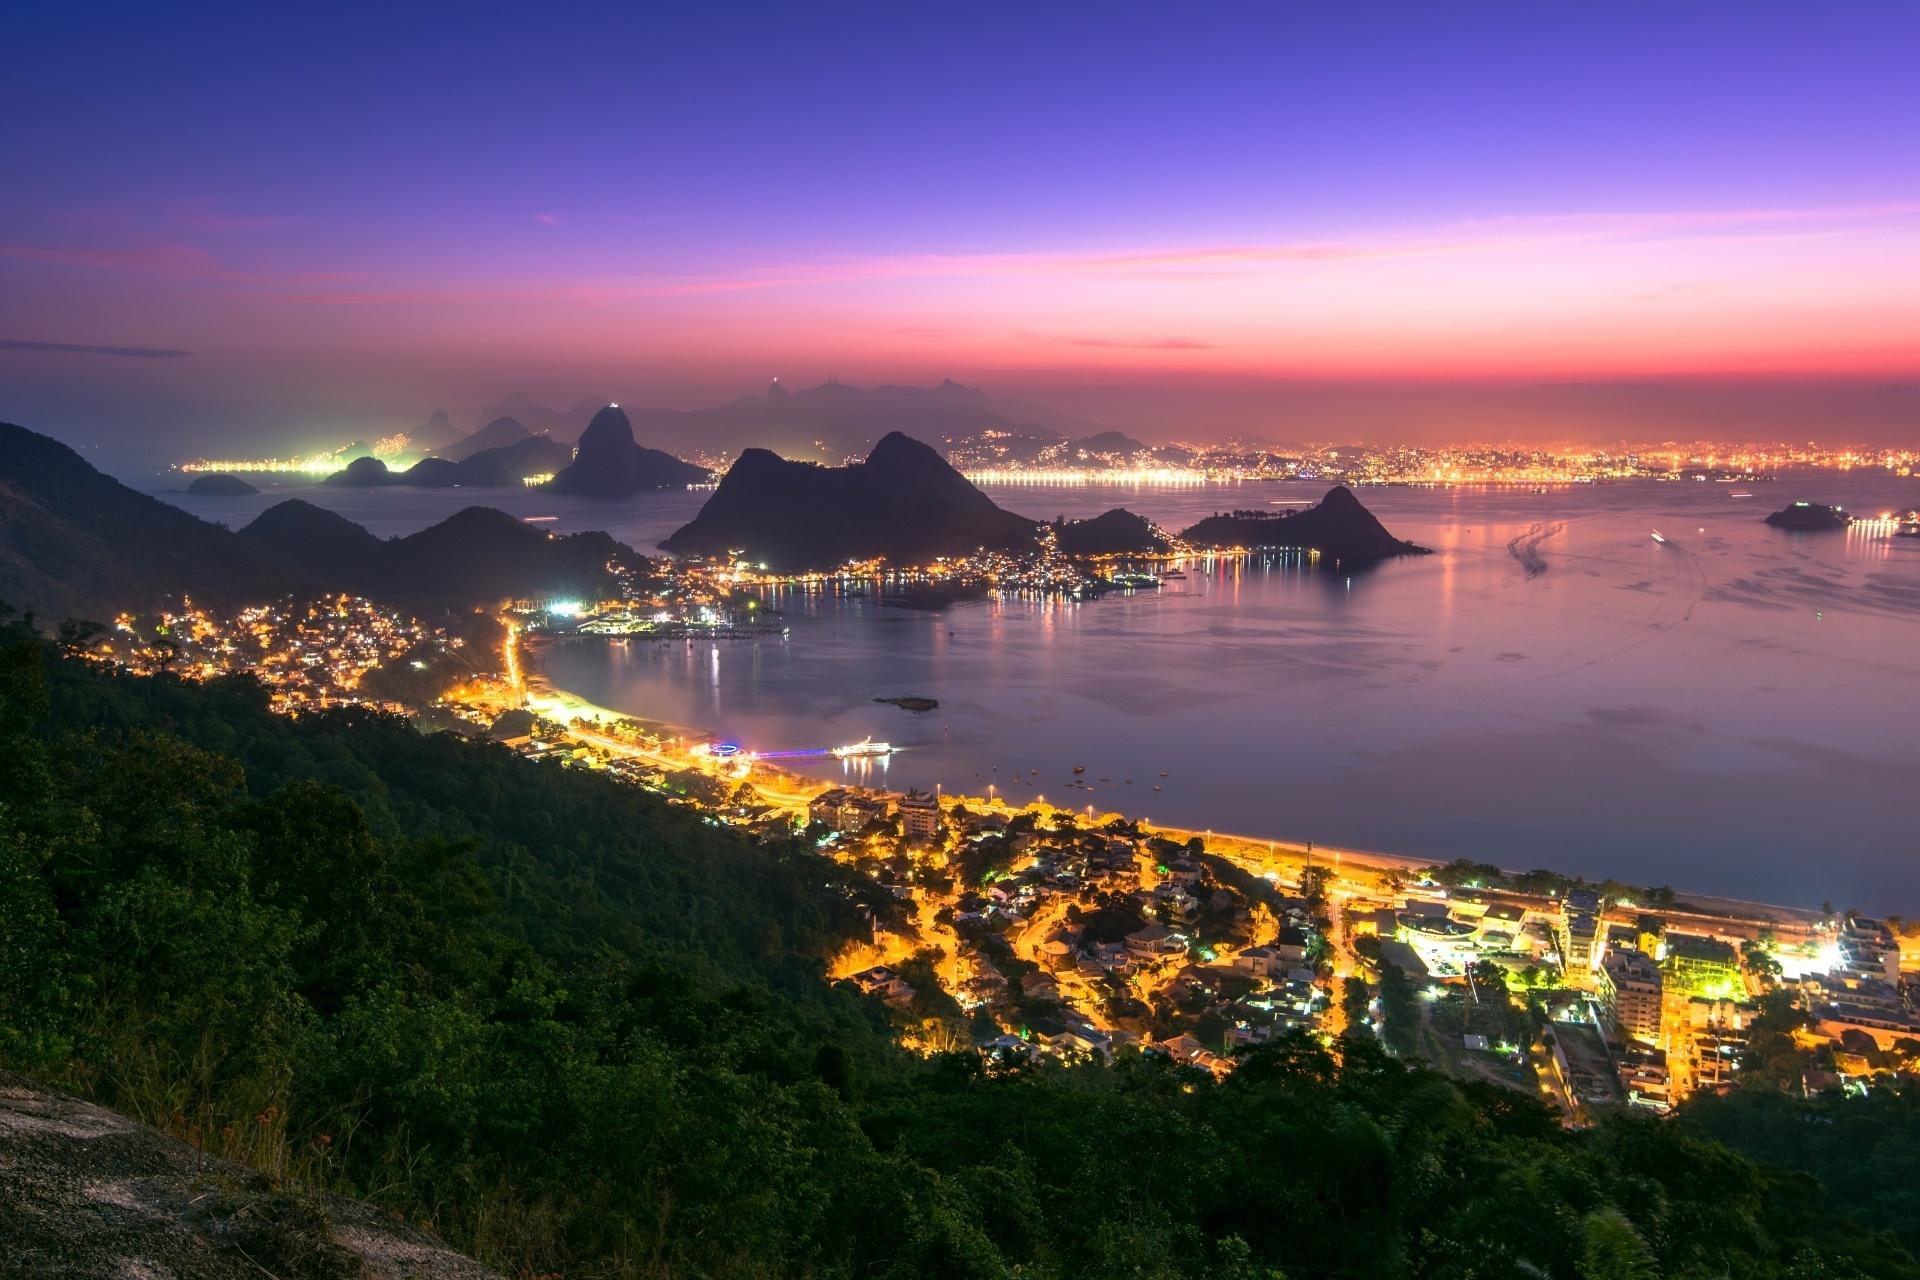 リオデジャネイロの夜景 ブラジルの風景